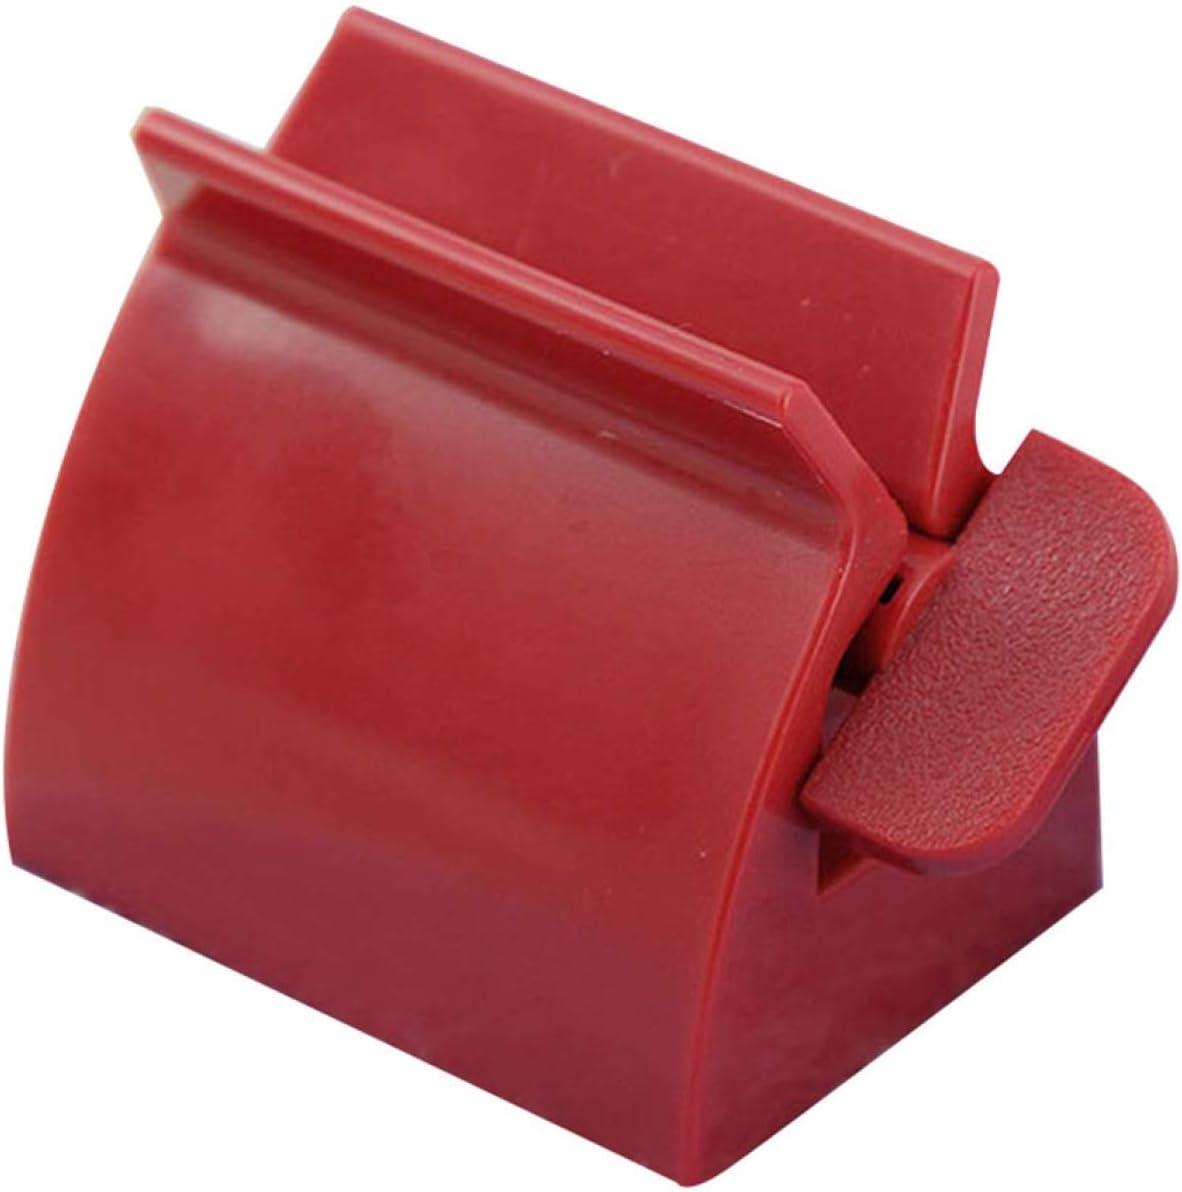 Guoxii Superior Tubo Carrete//Tubo Vac/ío//Tubo Esp/átula//Tubo Exprimidor Todo Exprimir y Vac/ío Tubos Blanco en Fino Estilo Pasta de Dientes Extrusor Azufaifo Rojo